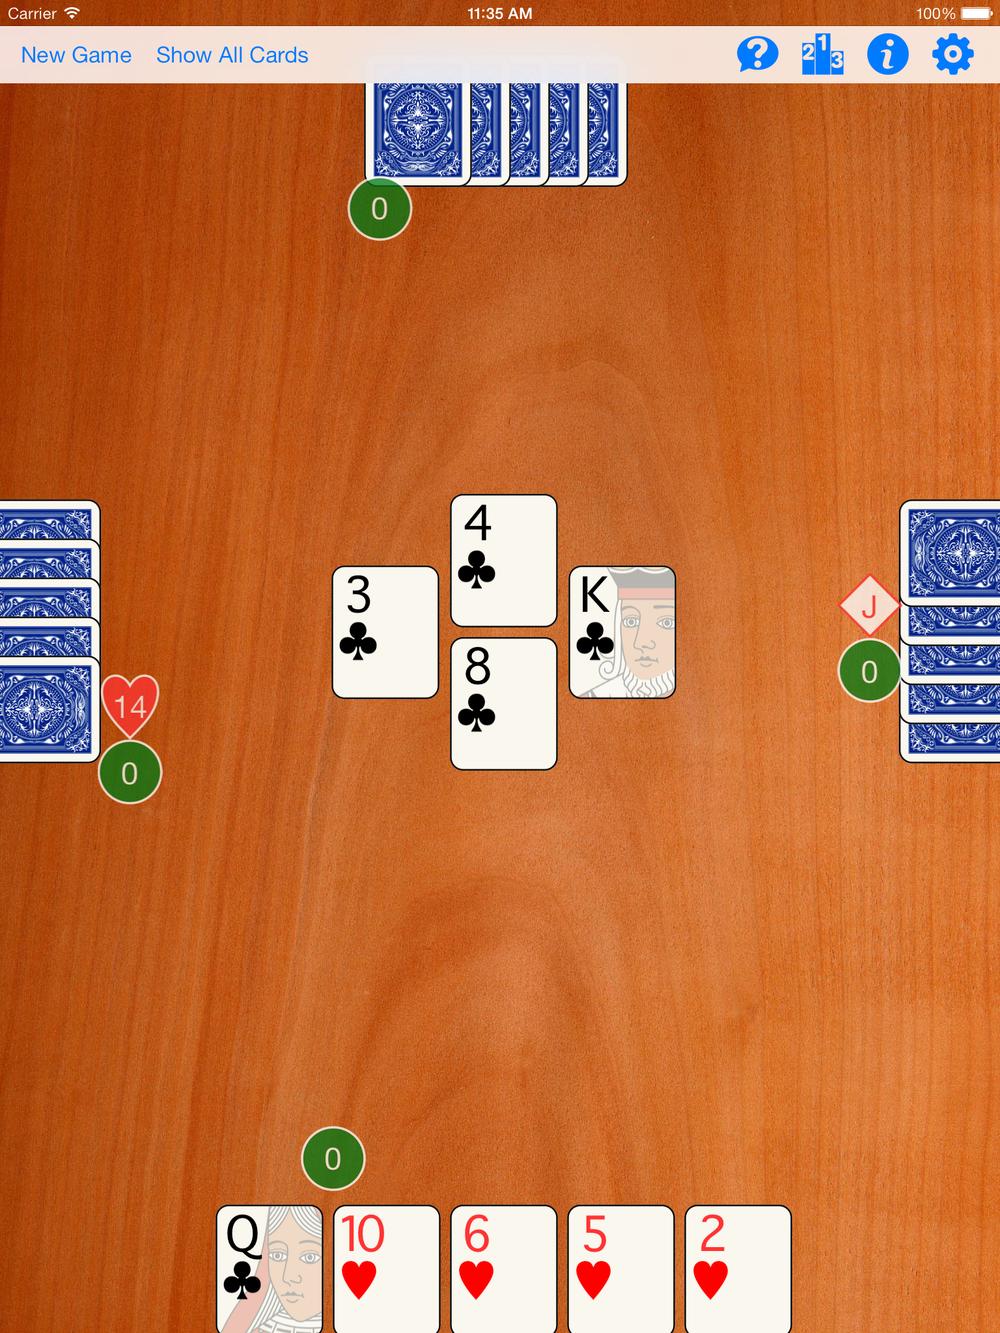 iOS Simulator Screen shot Sep 17, 2013 11.35.52 AM.png